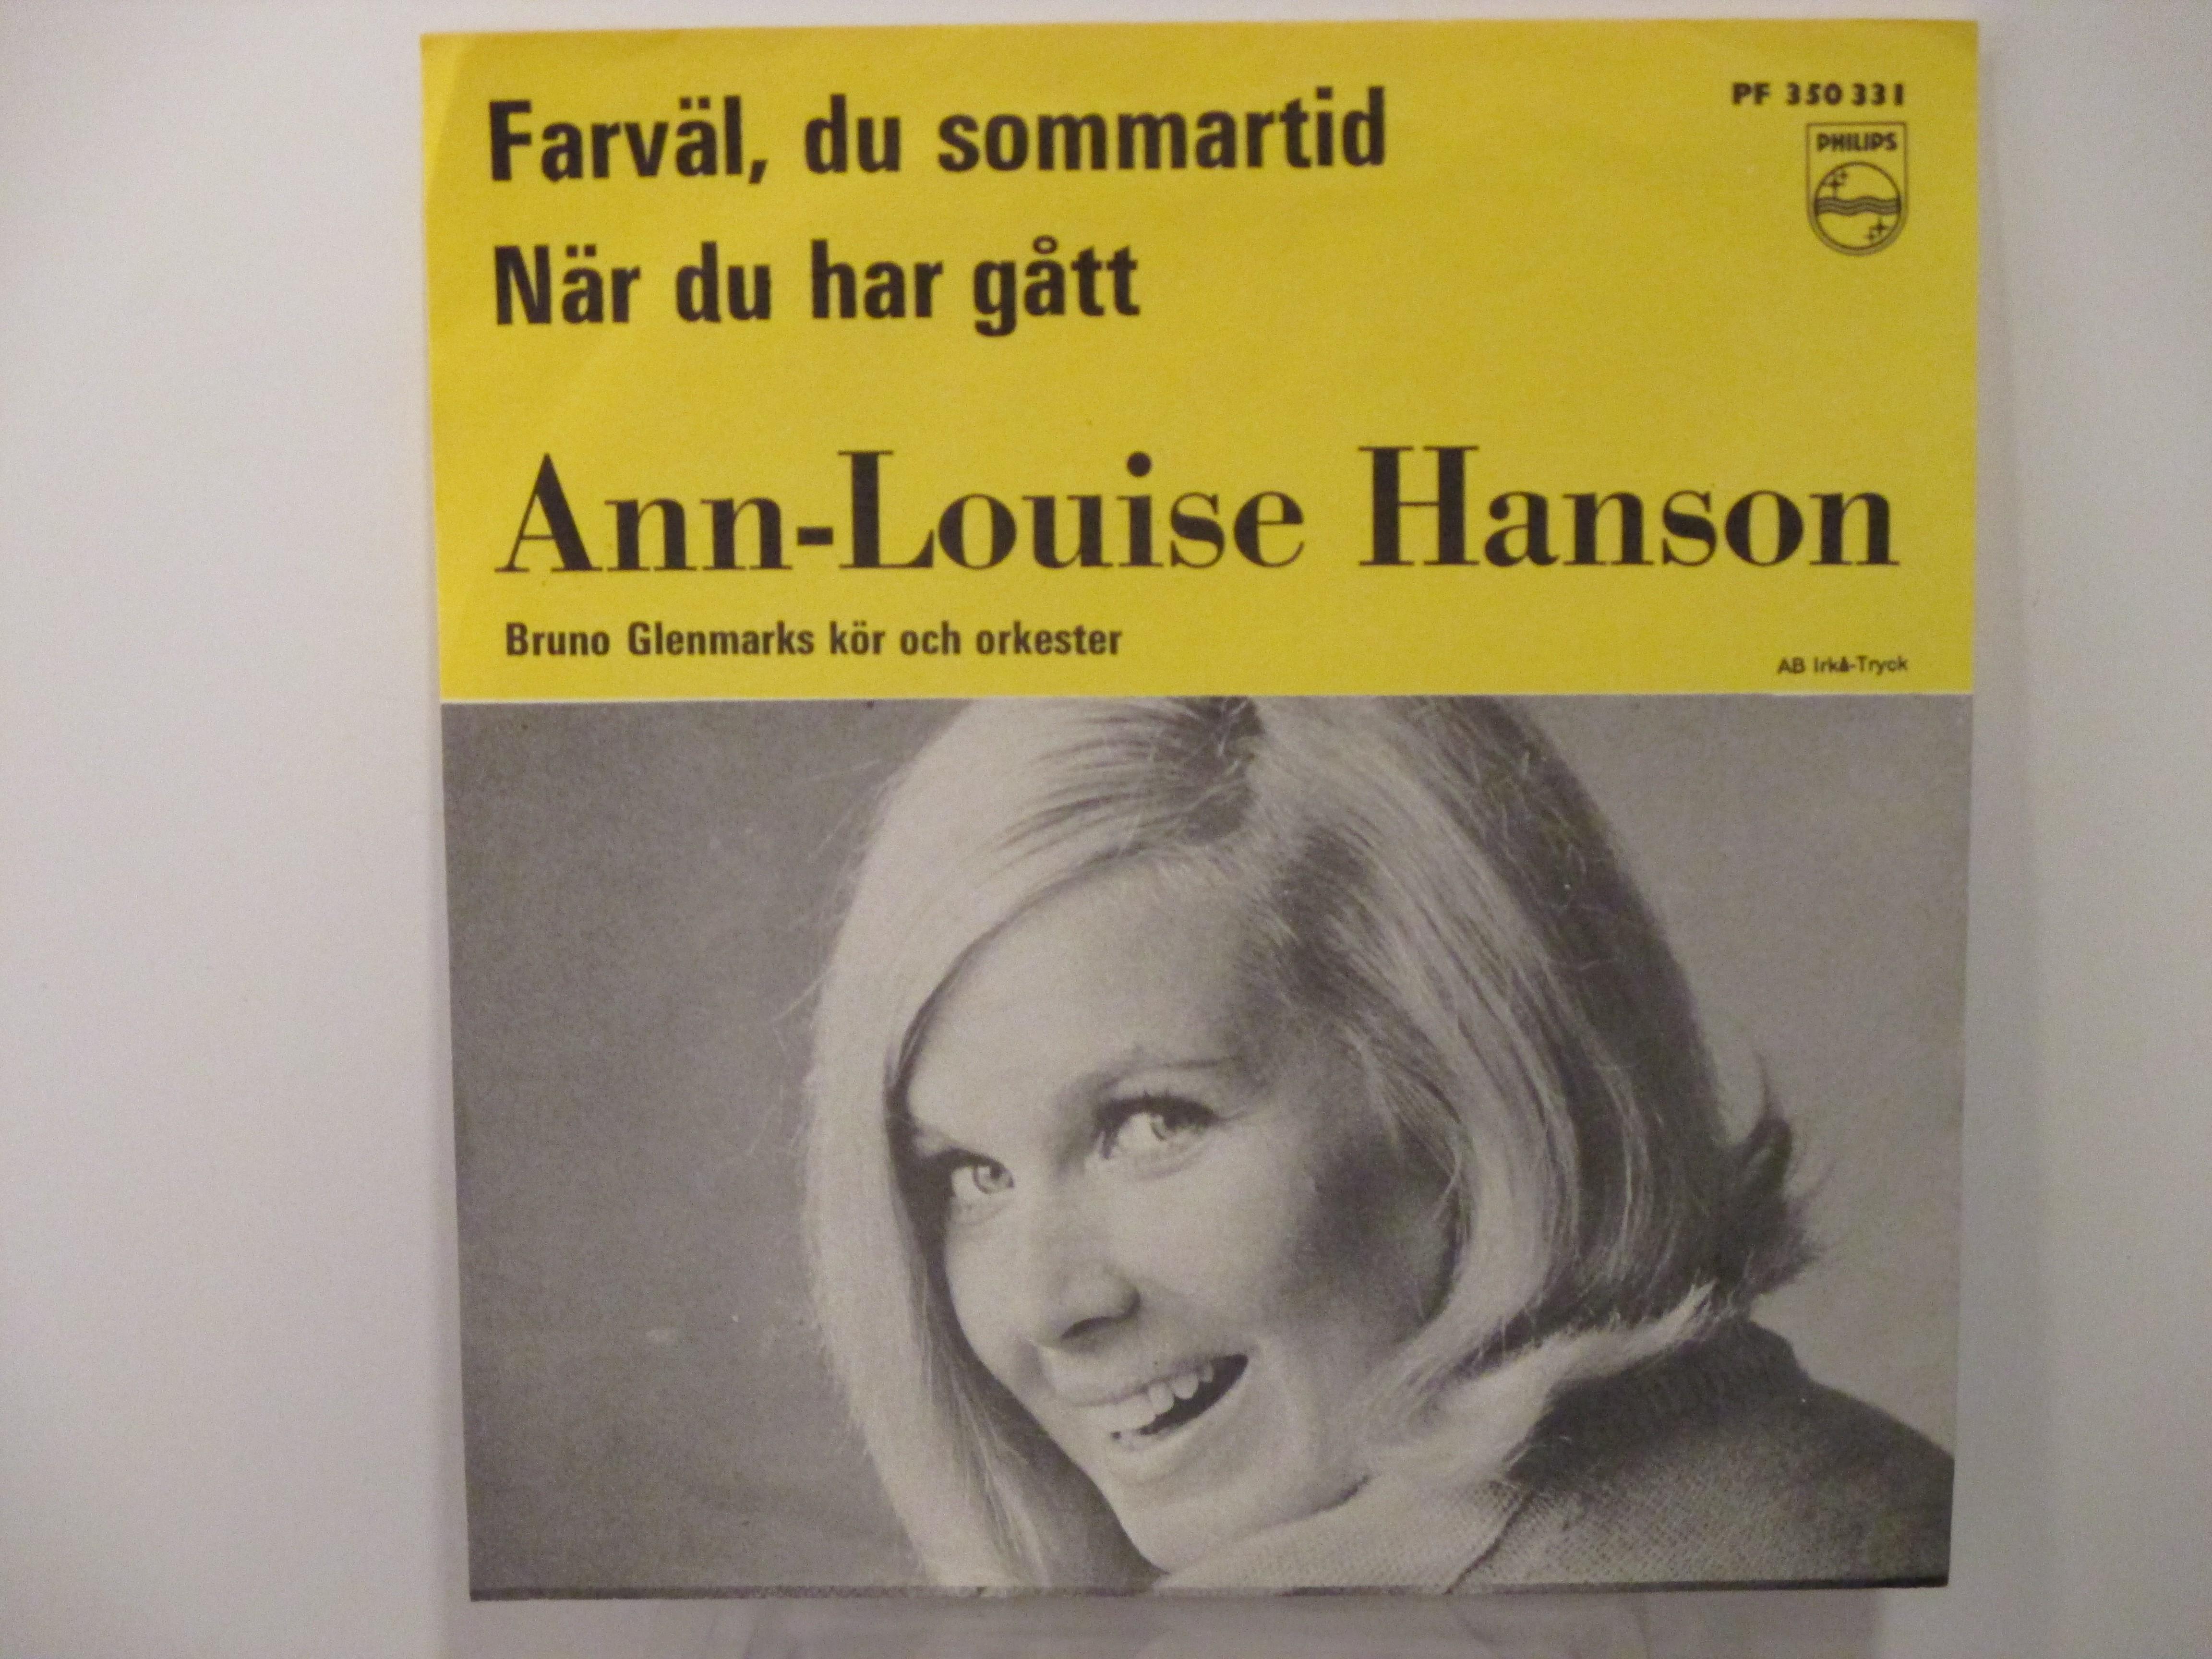 ANN-LOUISE HANSON : Farväl, du sommartid / När du har gått